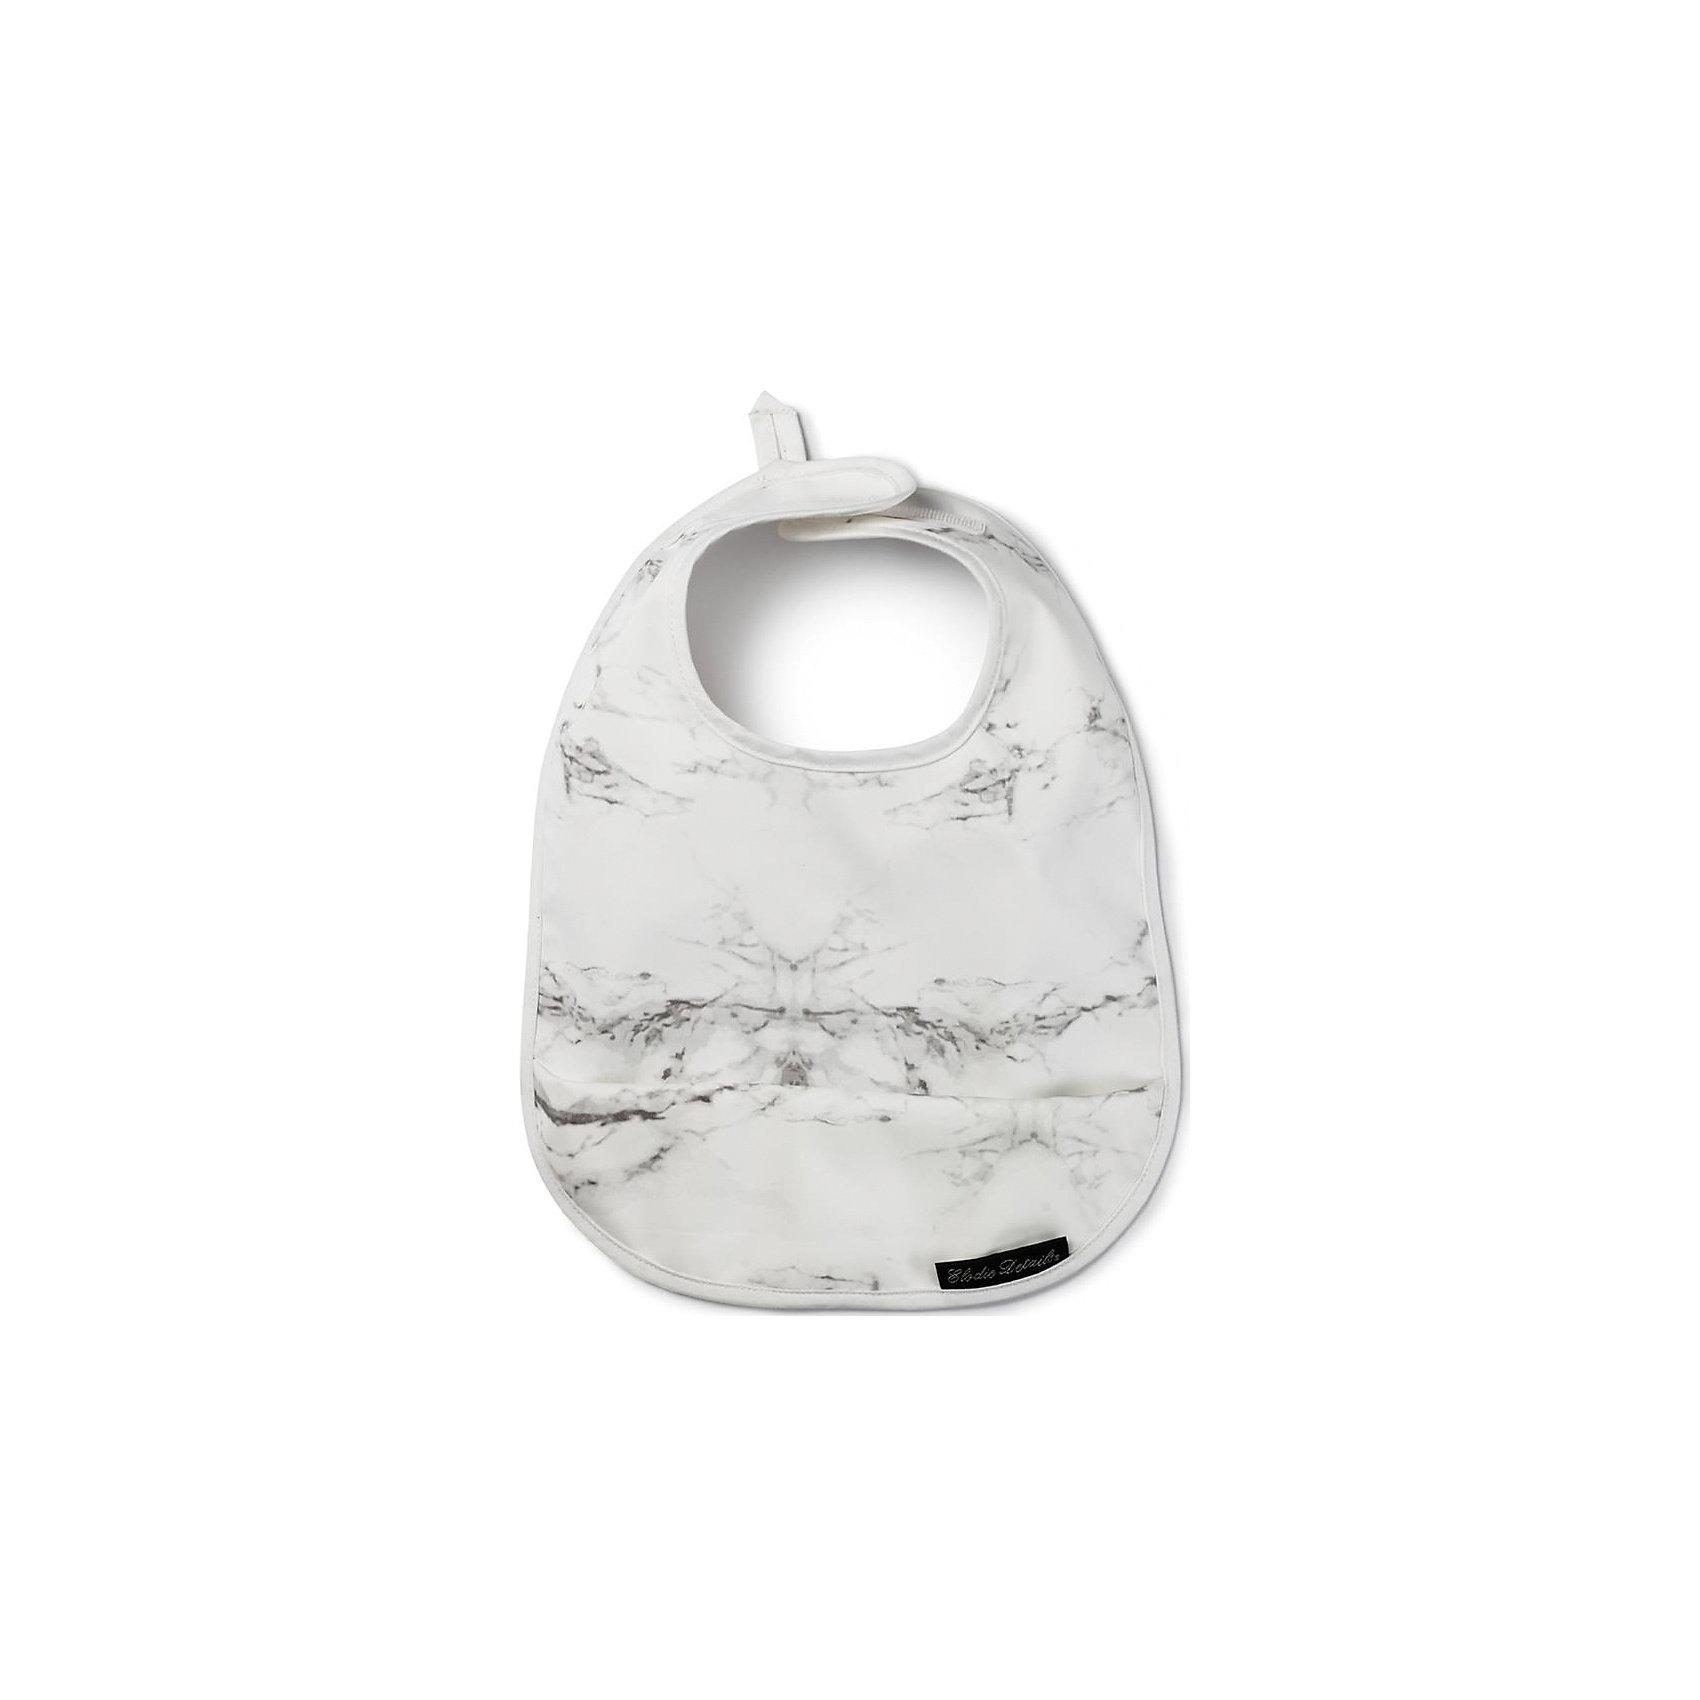 Нагрудник полиуретан Marble, Elodie DetailsНагрудники и салфетки<br>Нагрудник полиуретан Marble, Elodie Details (Элоди Дитейлс)<br><br>Характеристики:<br><br>• водоотталкивающий материал<br>• карман для крошек и остатков пищи<br>• надежная липучка<br>• подходит для стиральной машины<br>• удобная петелька<br>• размер: 36х26 см<br>• материал: полиуретан<br><br>Нагрудник Marble - незаменимый помощник для мамы во время кормления малыша. Нагрудник впитает всю влагу, чтобы малыш оставался сухим во время еды. Если кроха уронит кусочки пищи или прольет жидкость - нижний кармашек удержит их, не позволяя испачкать одежду. Нагрудник застегивается на надежную липучку. Изделие легко очистить и можно постирать в машинке при сильных загрязнениях. С таким нагрудником ваш ребенок всегда будет сытым и чистым!<br><br>Нагрудник полиуретан Marble, Elodie Details (Элоди Дитейлс) можно купить в нашем интернет-магазине.<br><br>Ширина мм: 13<br>Глубина мм: 300<br>Высота мм: 350<br>Вес г: 90<br>Возраст от месяцев: 0<br>Возраст до месяцев: 36<br>Пол: Унисекс<br>Возраст: Детский<br>SKU: 4701953